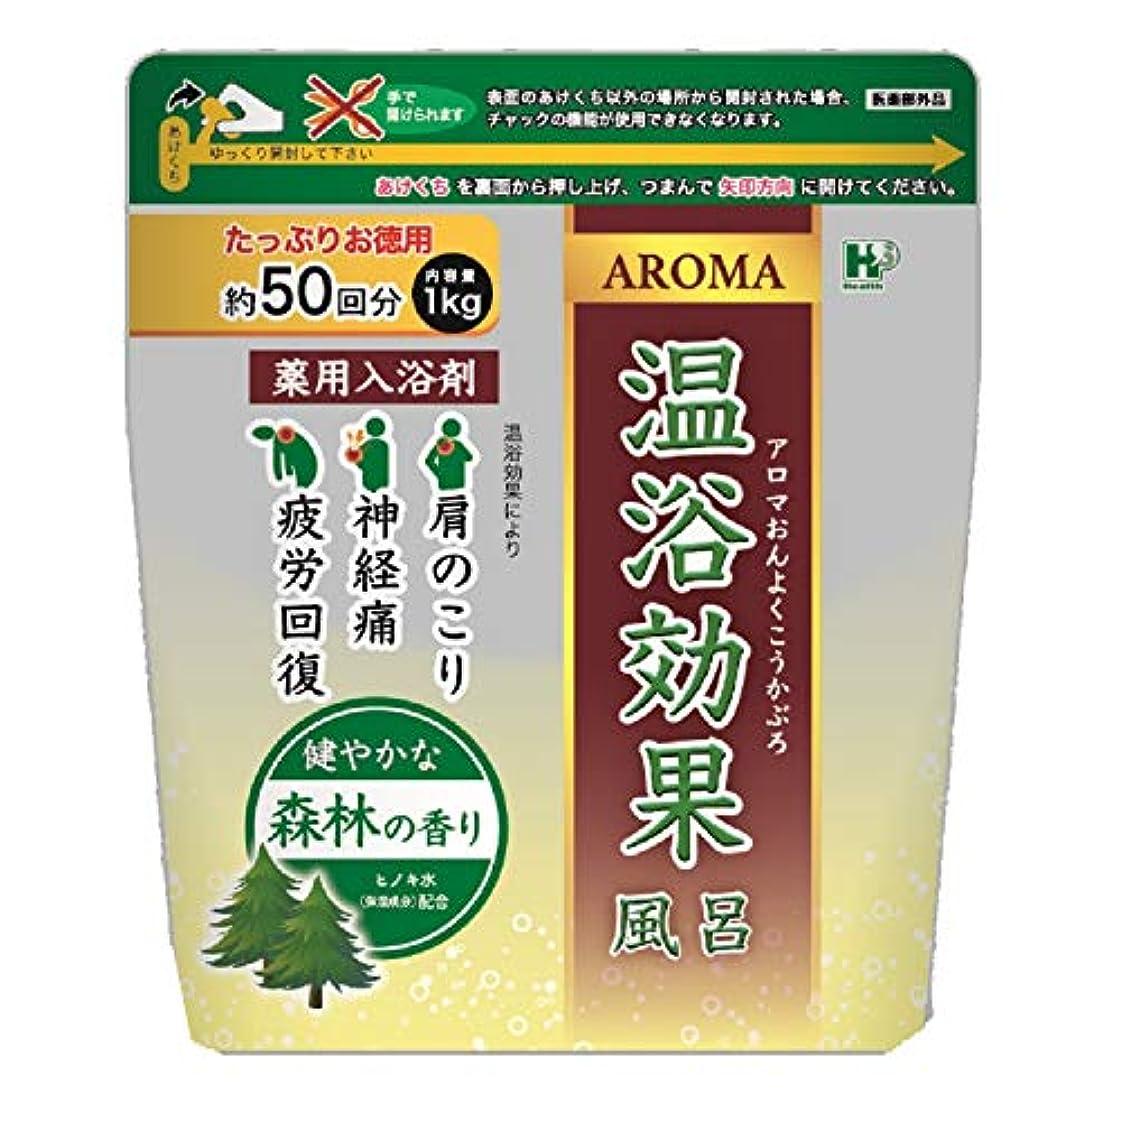 検出するニコチン動機アロマ温浴効果風呂 森林 1kg